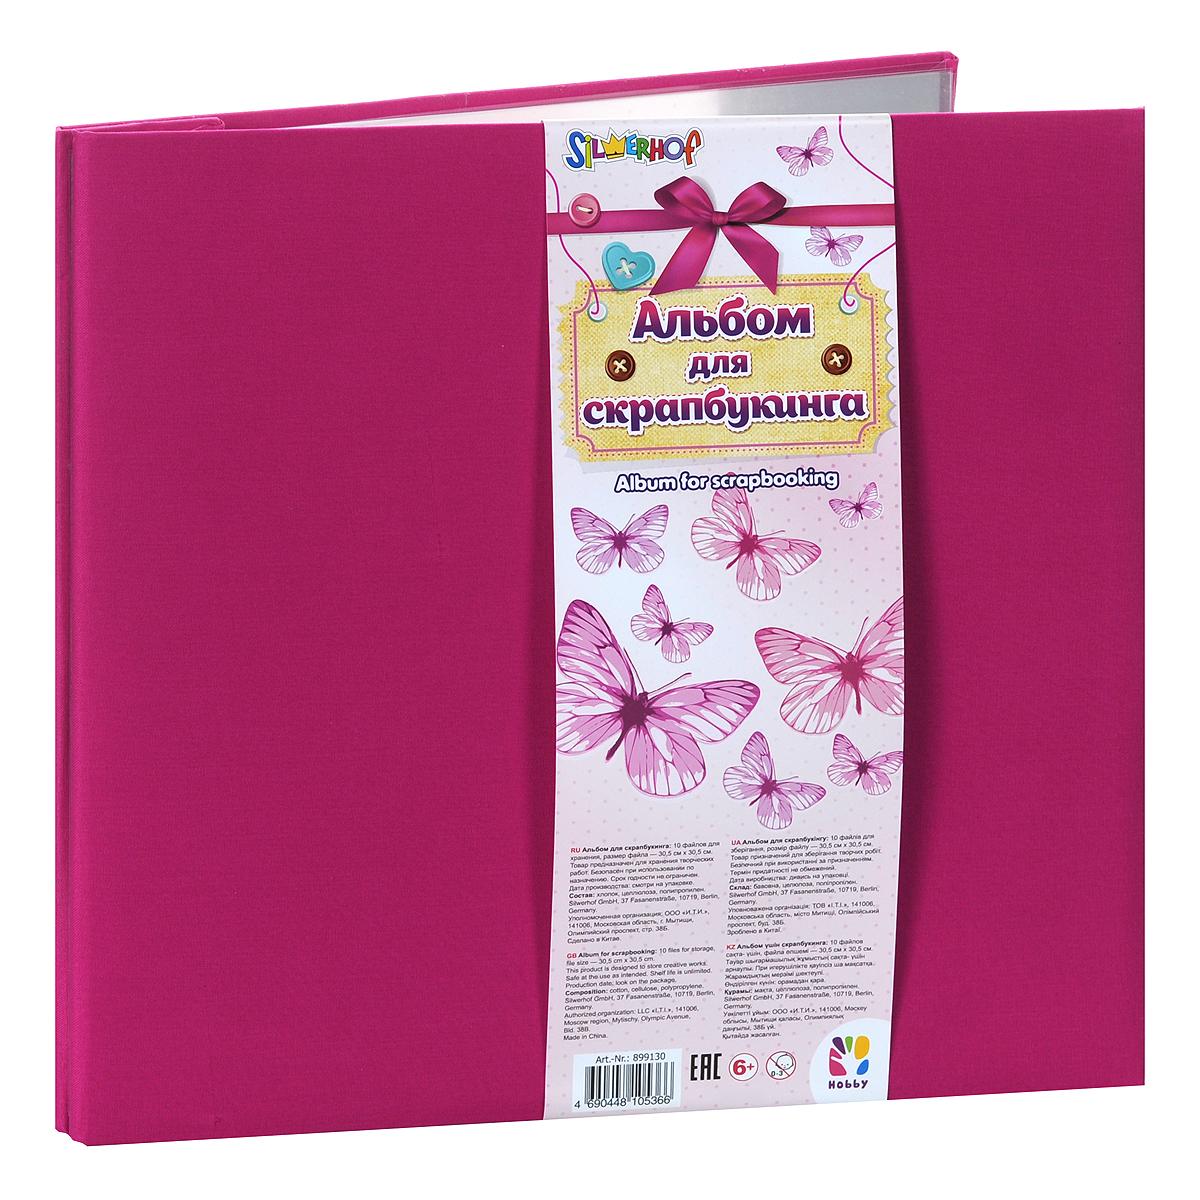 Альбом для скрапбукинга Silwerhof Hobby, цвет: розовый, 30,5 см х 30,5 см, 10 листов899130Альбом K&Company Silwerhof Hobby- это легкий путь для создания прекрасно оформленного и подобранного по теме альбома.Обложка альбома, выполненная из высококачественного текстиля. Внутри содержится блок из 10 прозрачных файлов. Скрапбукинг - это хобби, которое способно приносить массу приятных эмоций не только человеку, который этим занимается, но и его близким, друзьям, родным. Это невероятно увлекательное занятие, которое поможет вам сохранить наиболее памятные и яркие моменты вашей жизни, а также интересно оформить интерьер дома.